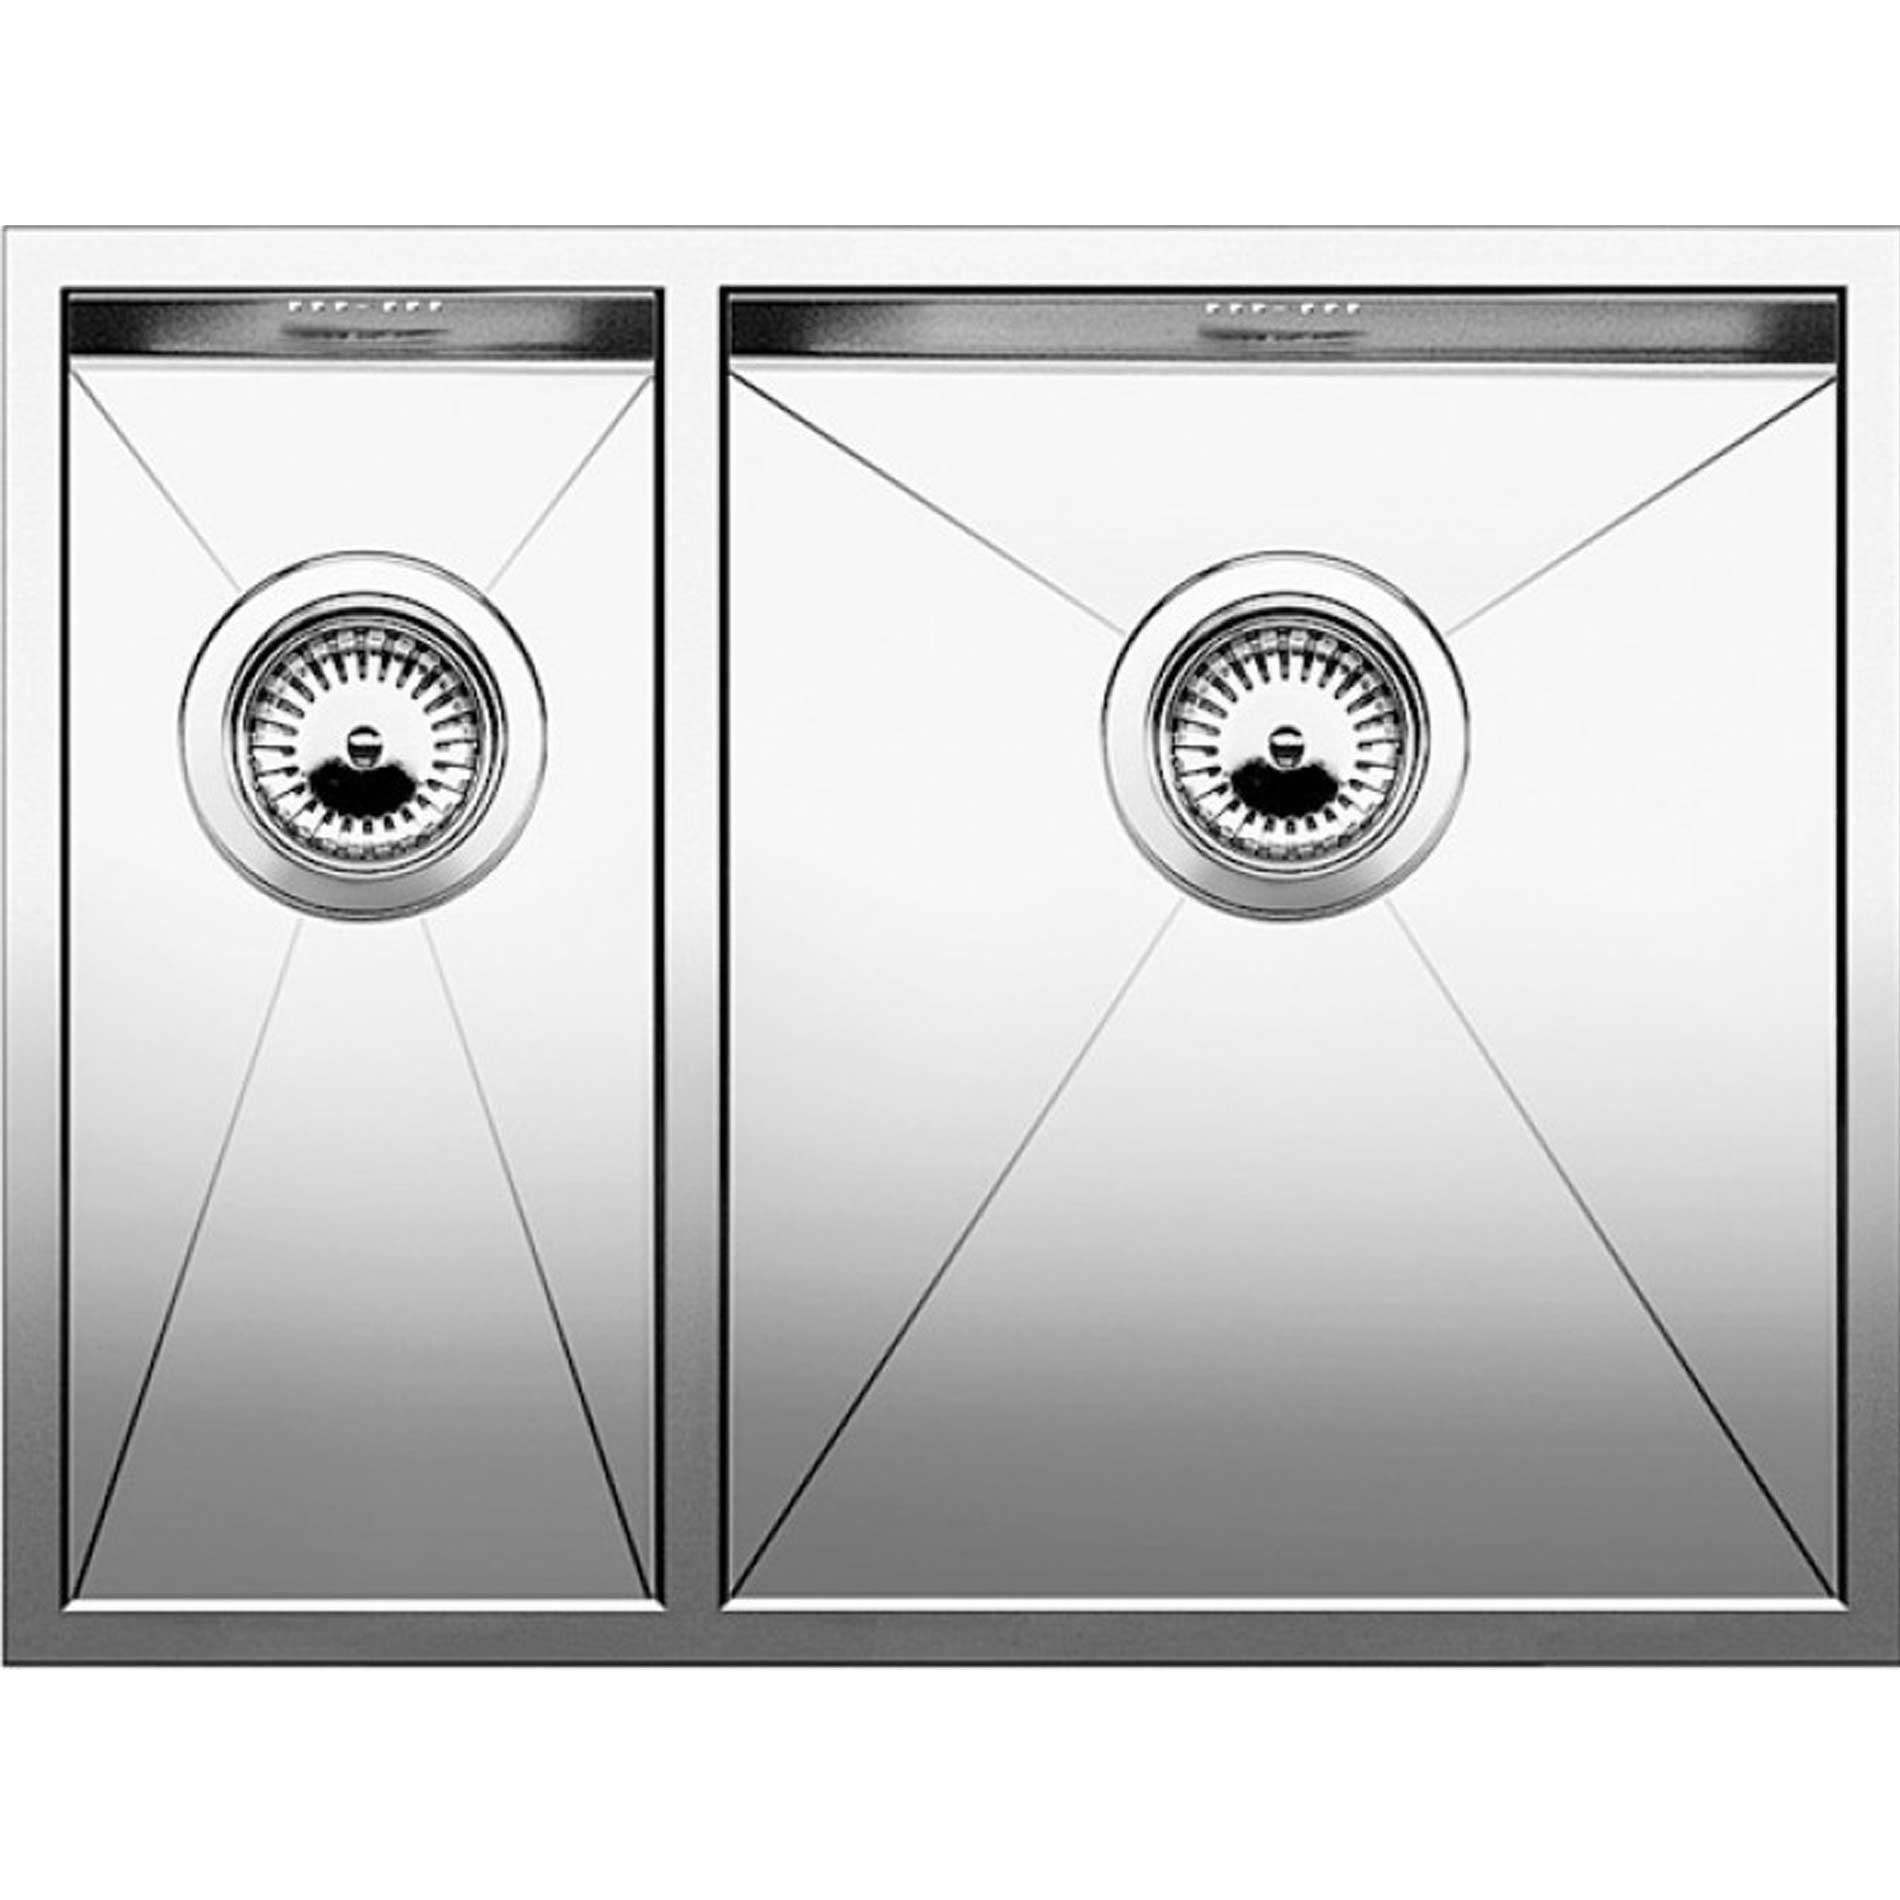 Blanco zerox 700 u stainless steel undermount sink - Blanco Zerox 340 180 U Stainless Steel Sink